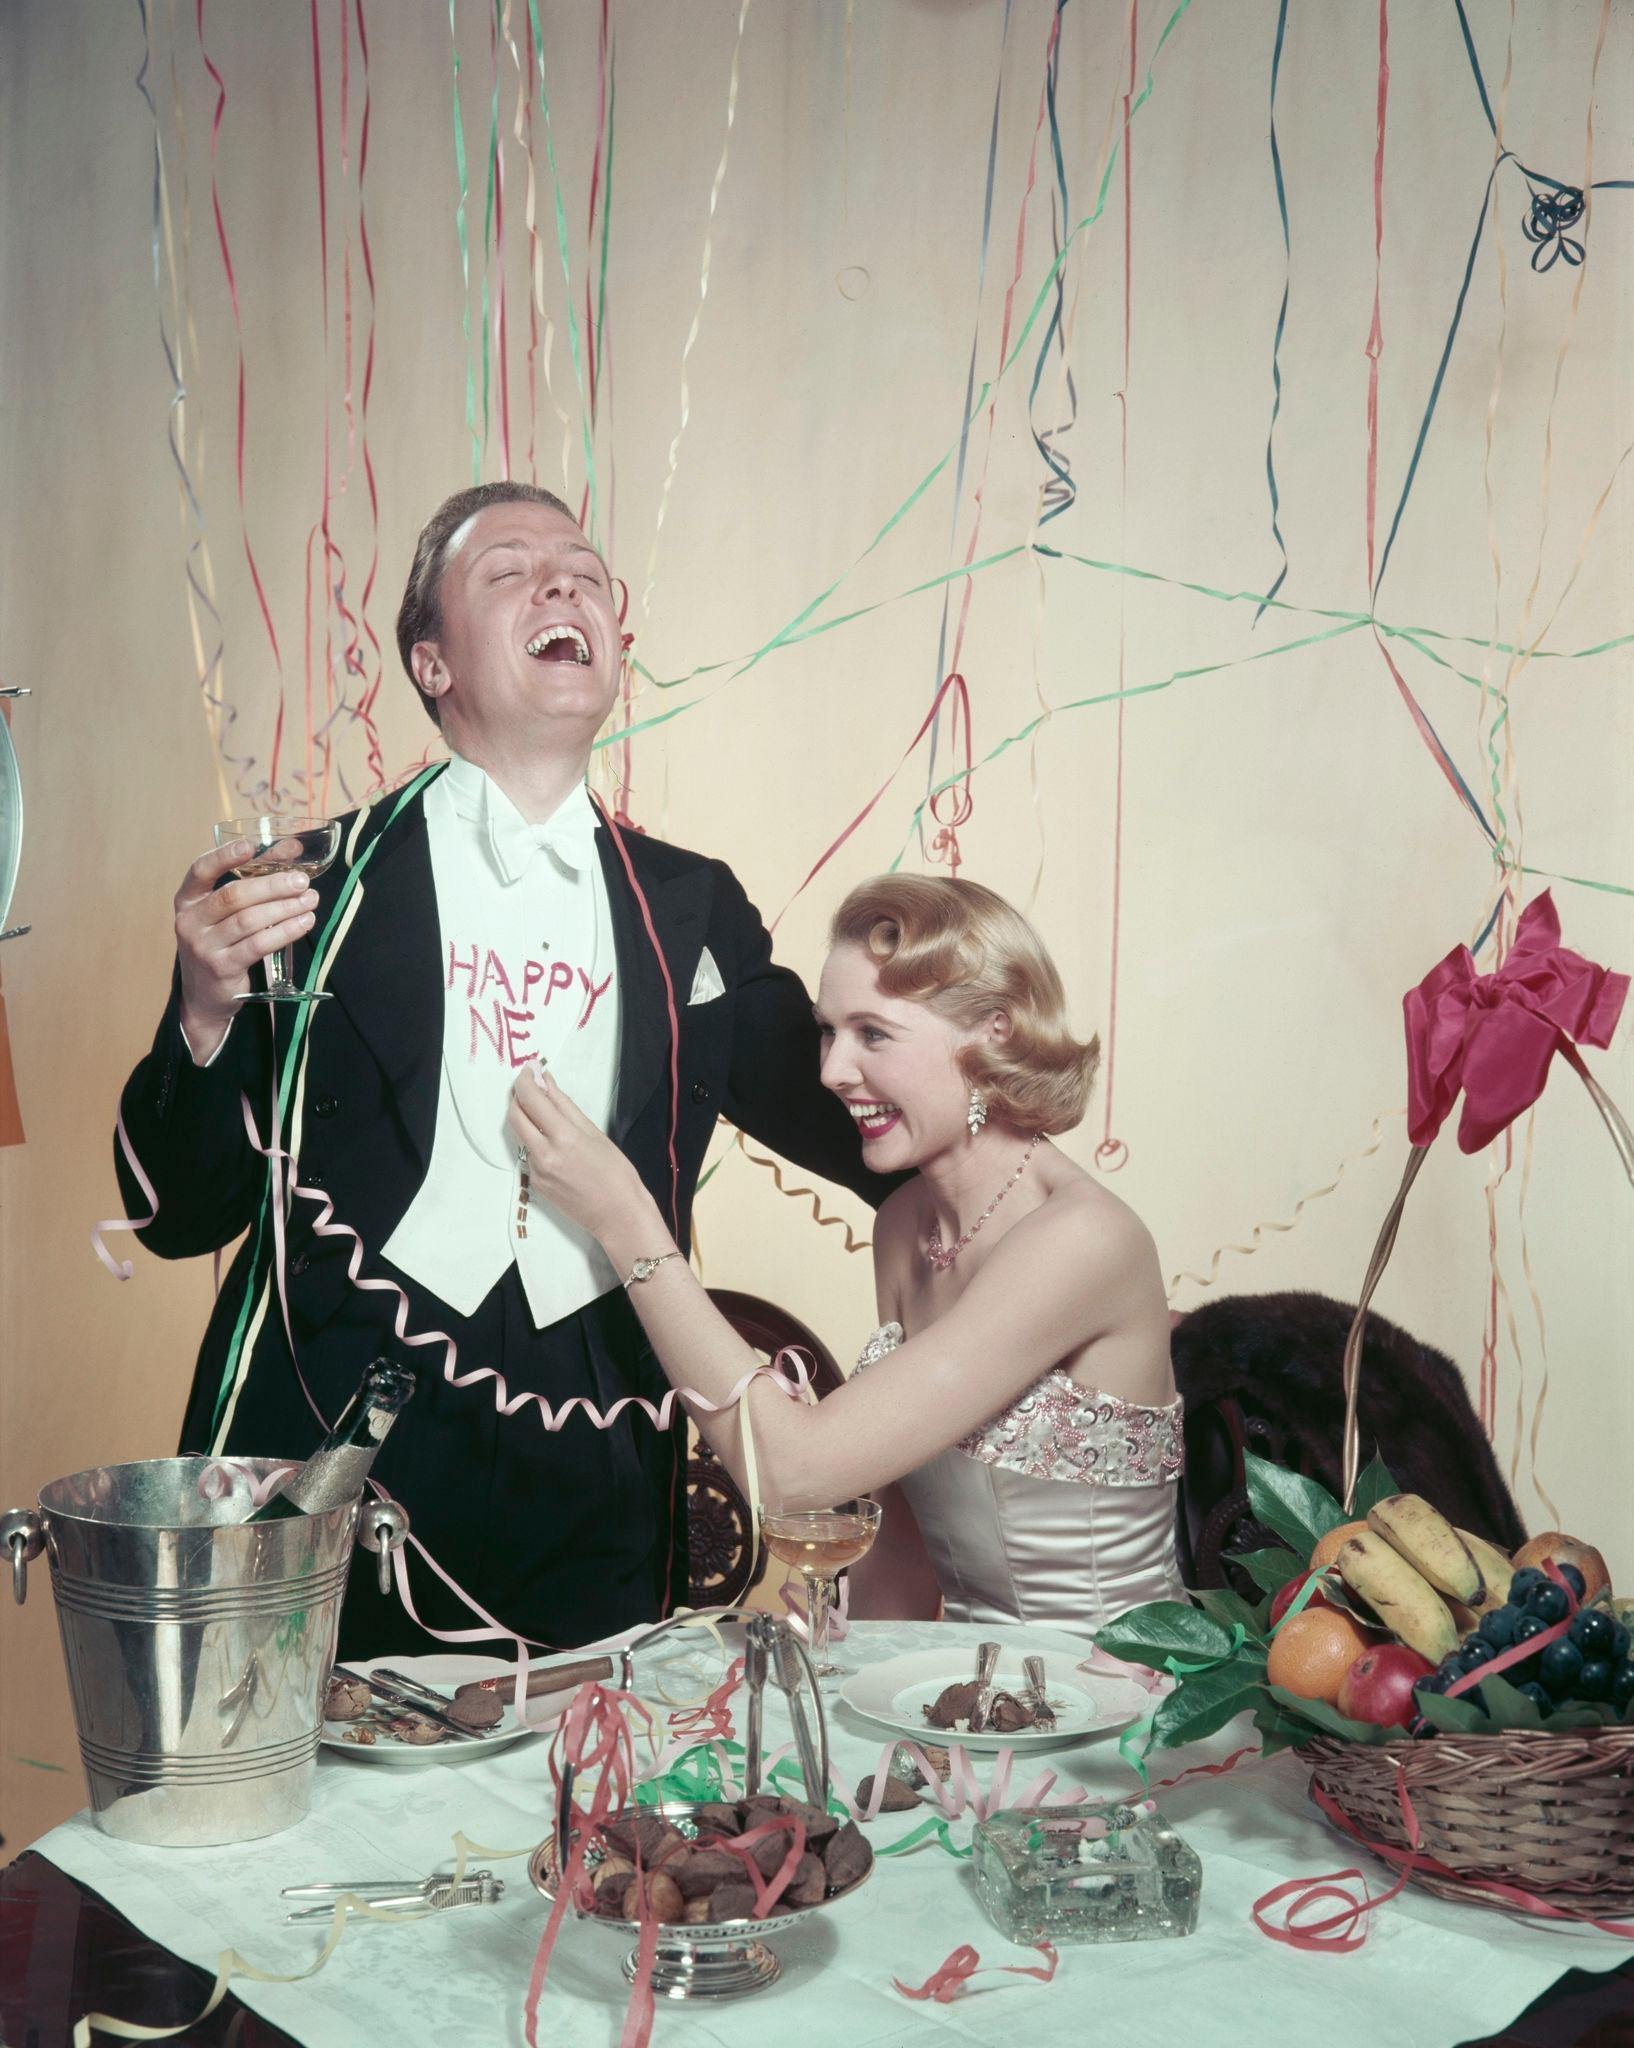 1955. Ричард Аттенборо и его жена Шейла Сим приносят Новый год.jpg